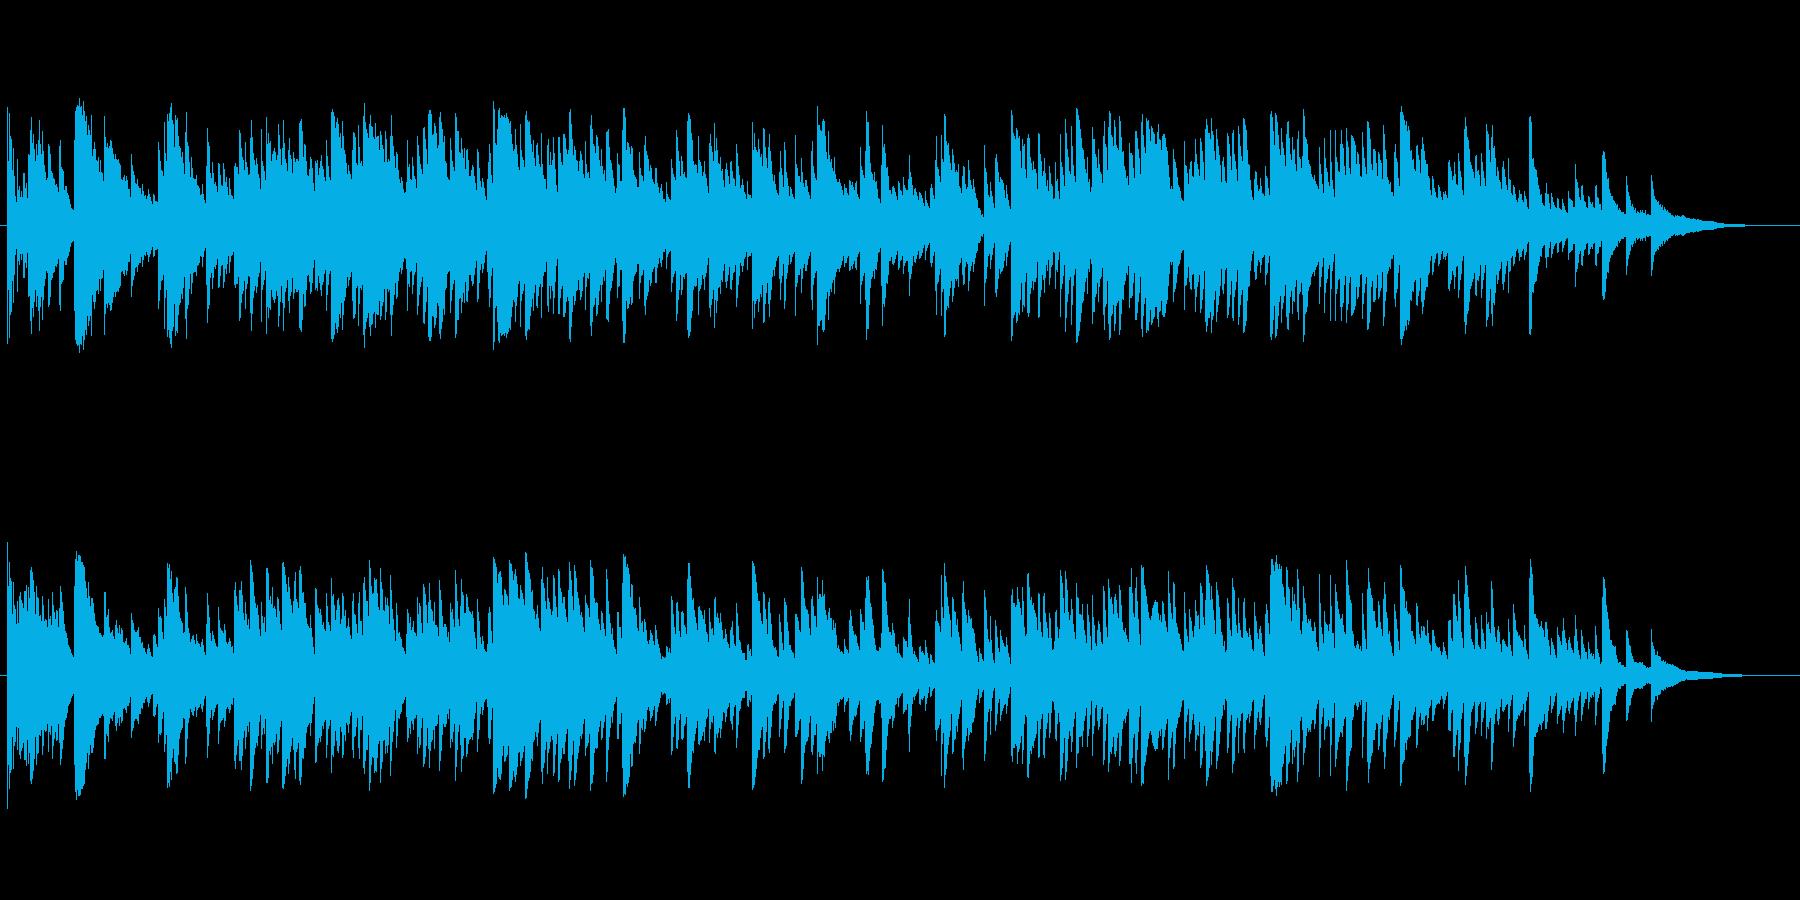 【月の影】月光モチーフのサスペンスピアノの再生済みの波形